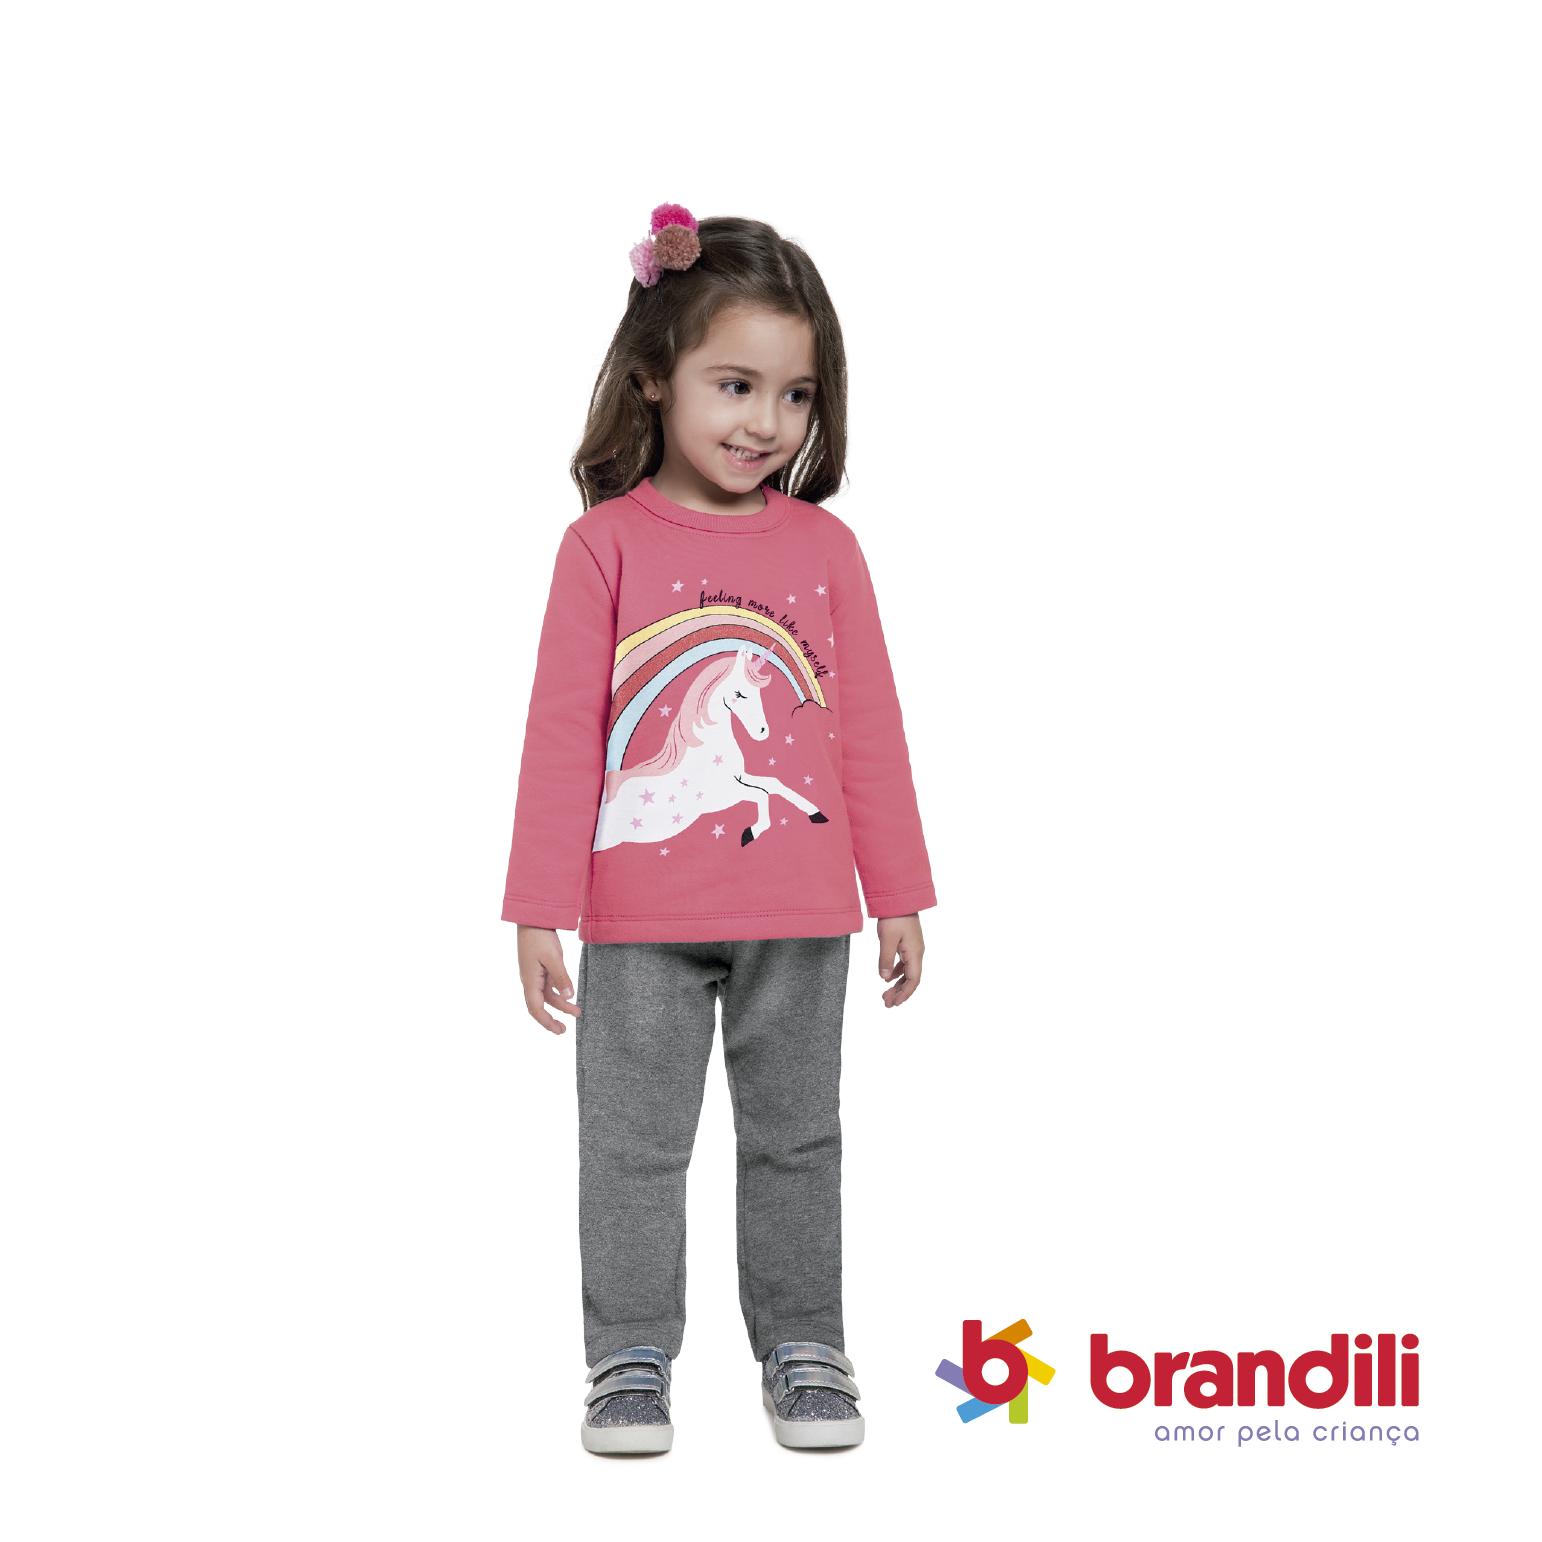 Lhamas e unicórnios: tendência de moda para as meninas